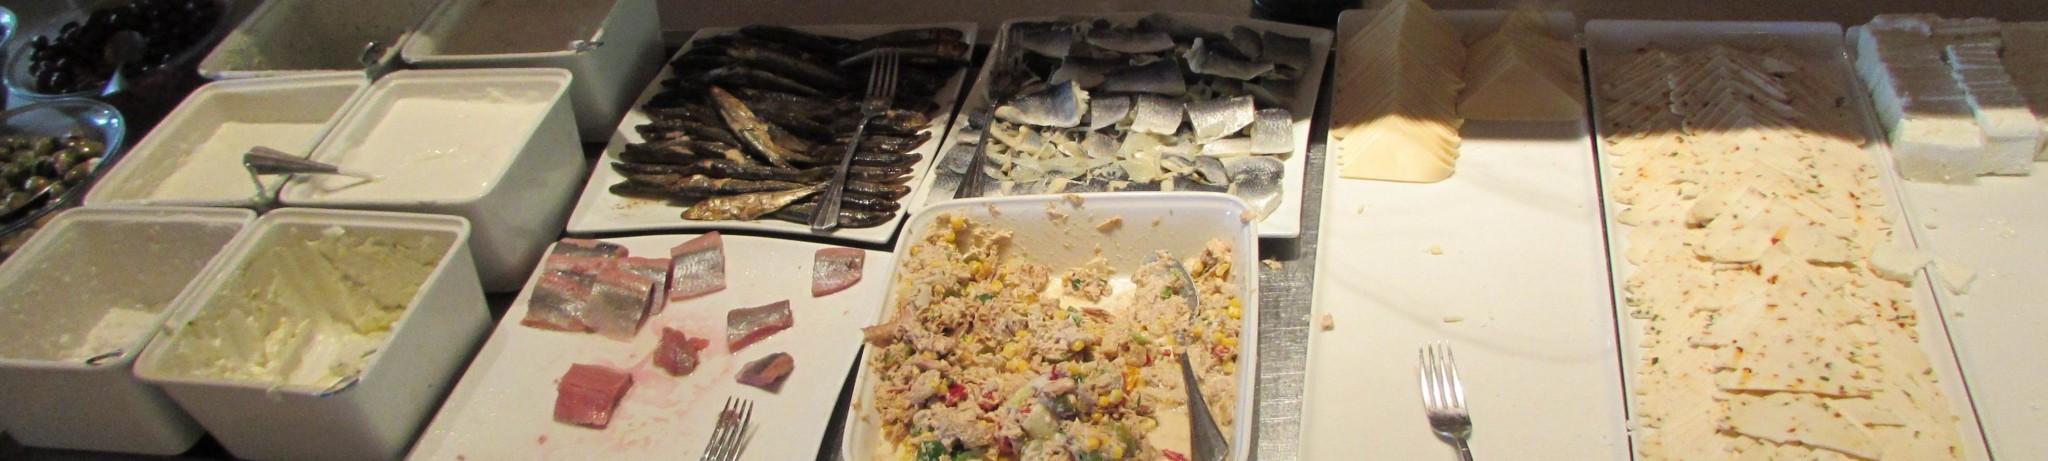 גבינות, דגים ארוחת בוקר מלון הנסיכה אילת